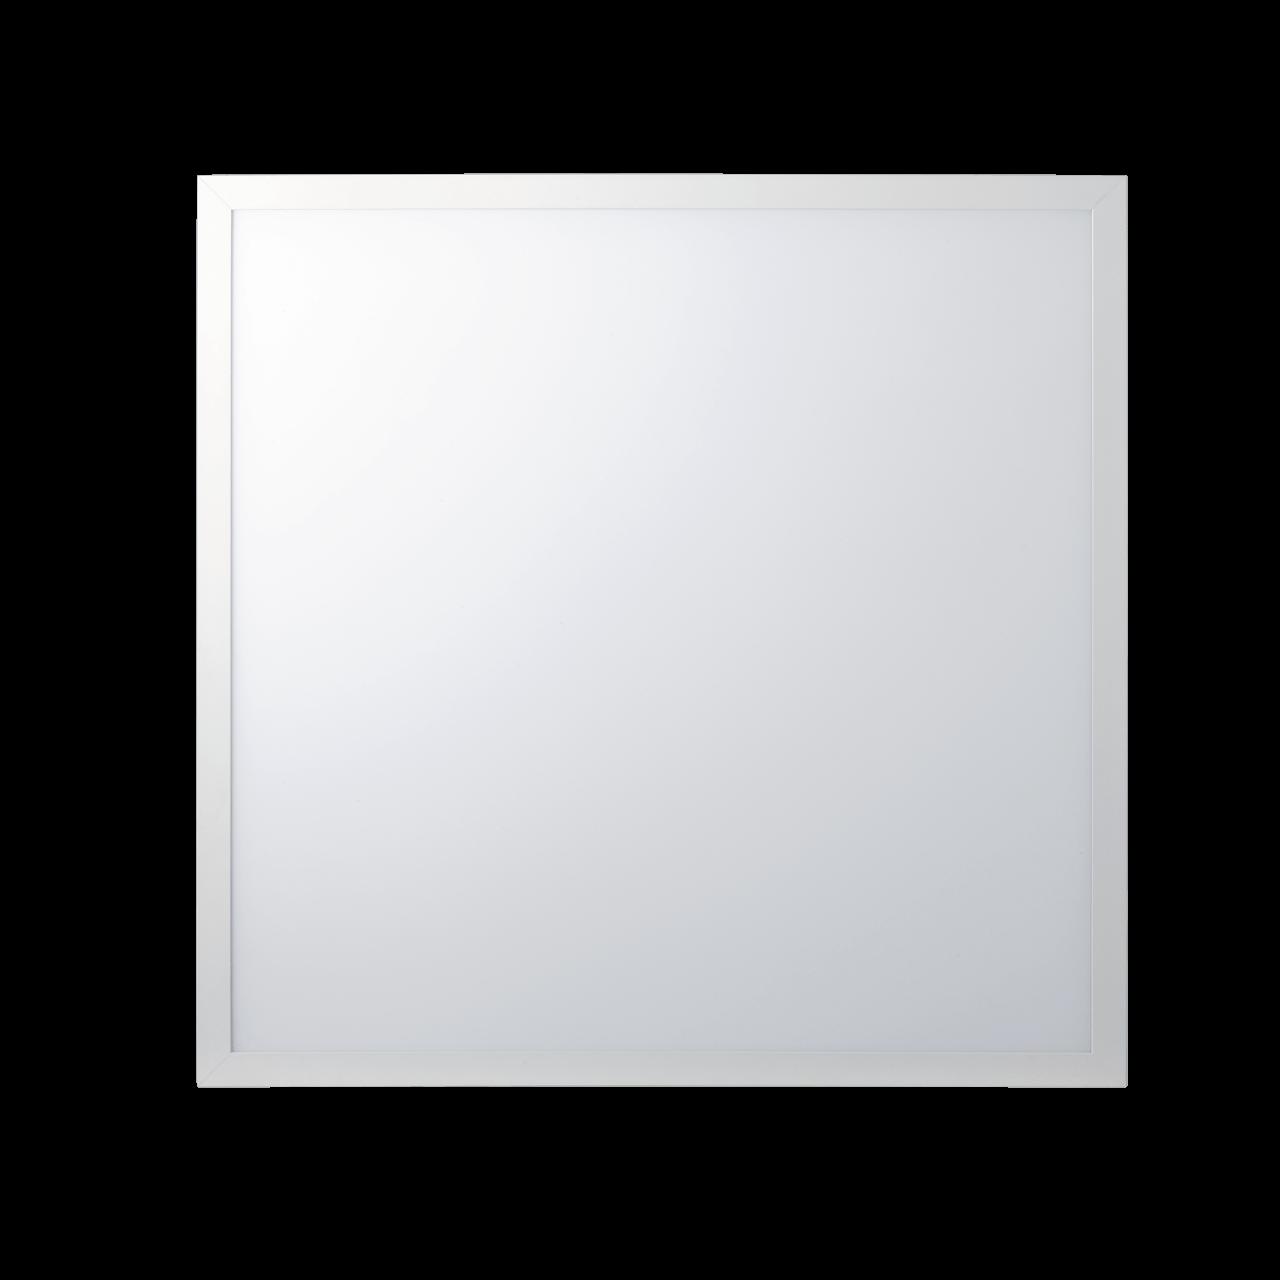 Светодиодный встраиваемый светильник Ilumia 32Вт, 595x595x15мм, 4000К (нейтральный белый), 2500Лм (026)